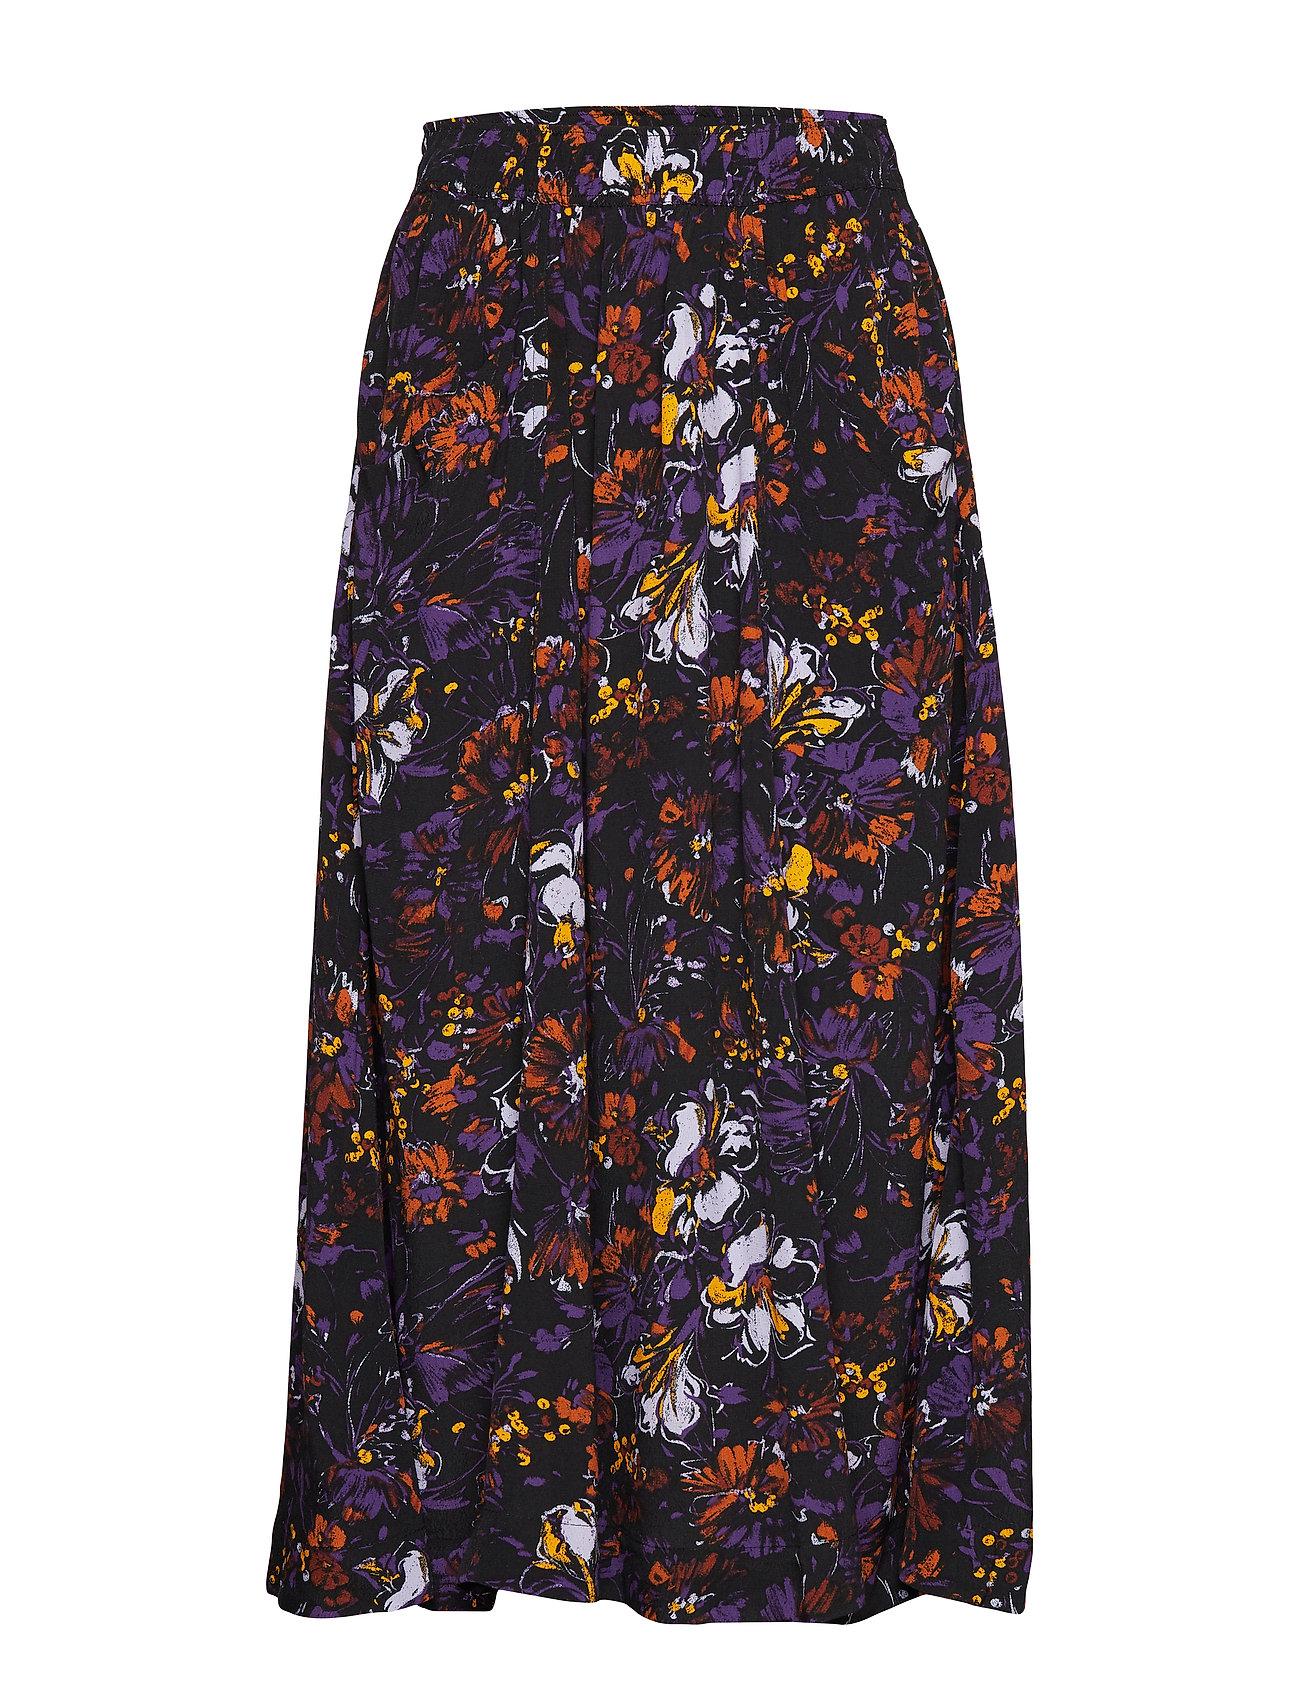 InWear KavitaIW Skirt - PETUNIA WILD FLOWER